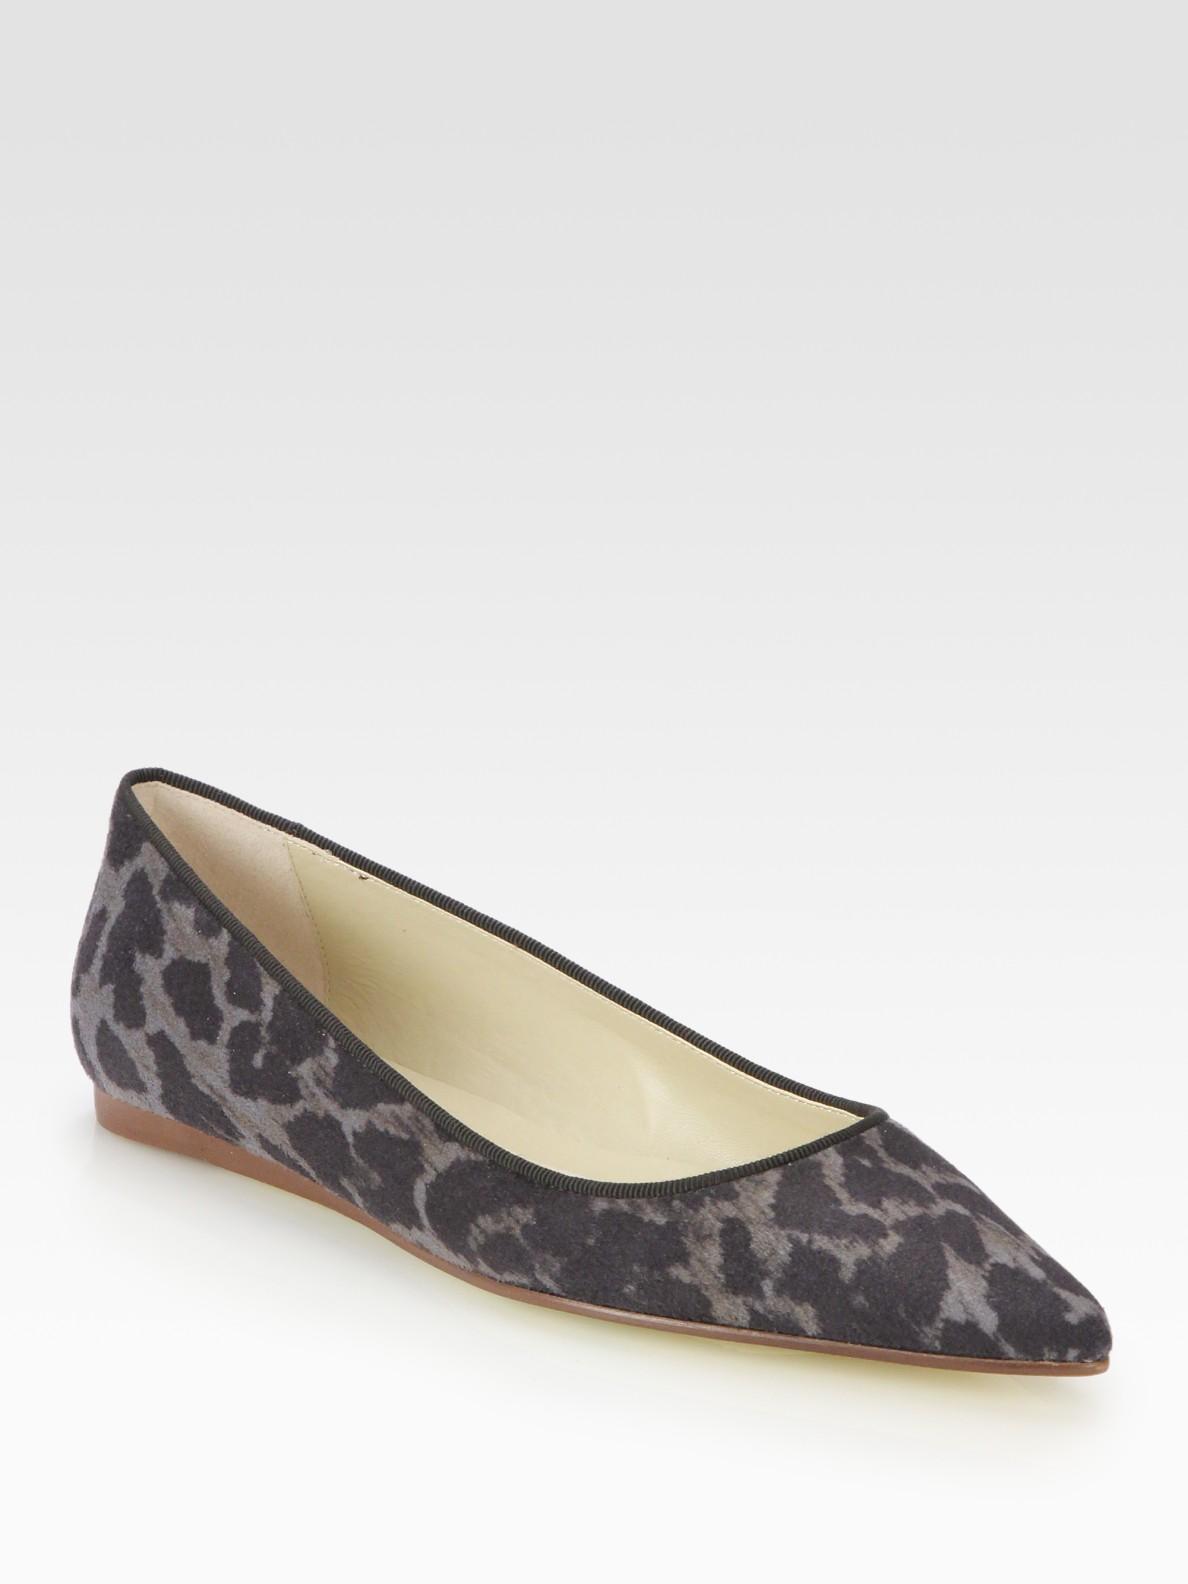 2a6419d7ed53 Stella McCartney Leopard-print Faux Suede Ballet Flats in Gray - Lyst